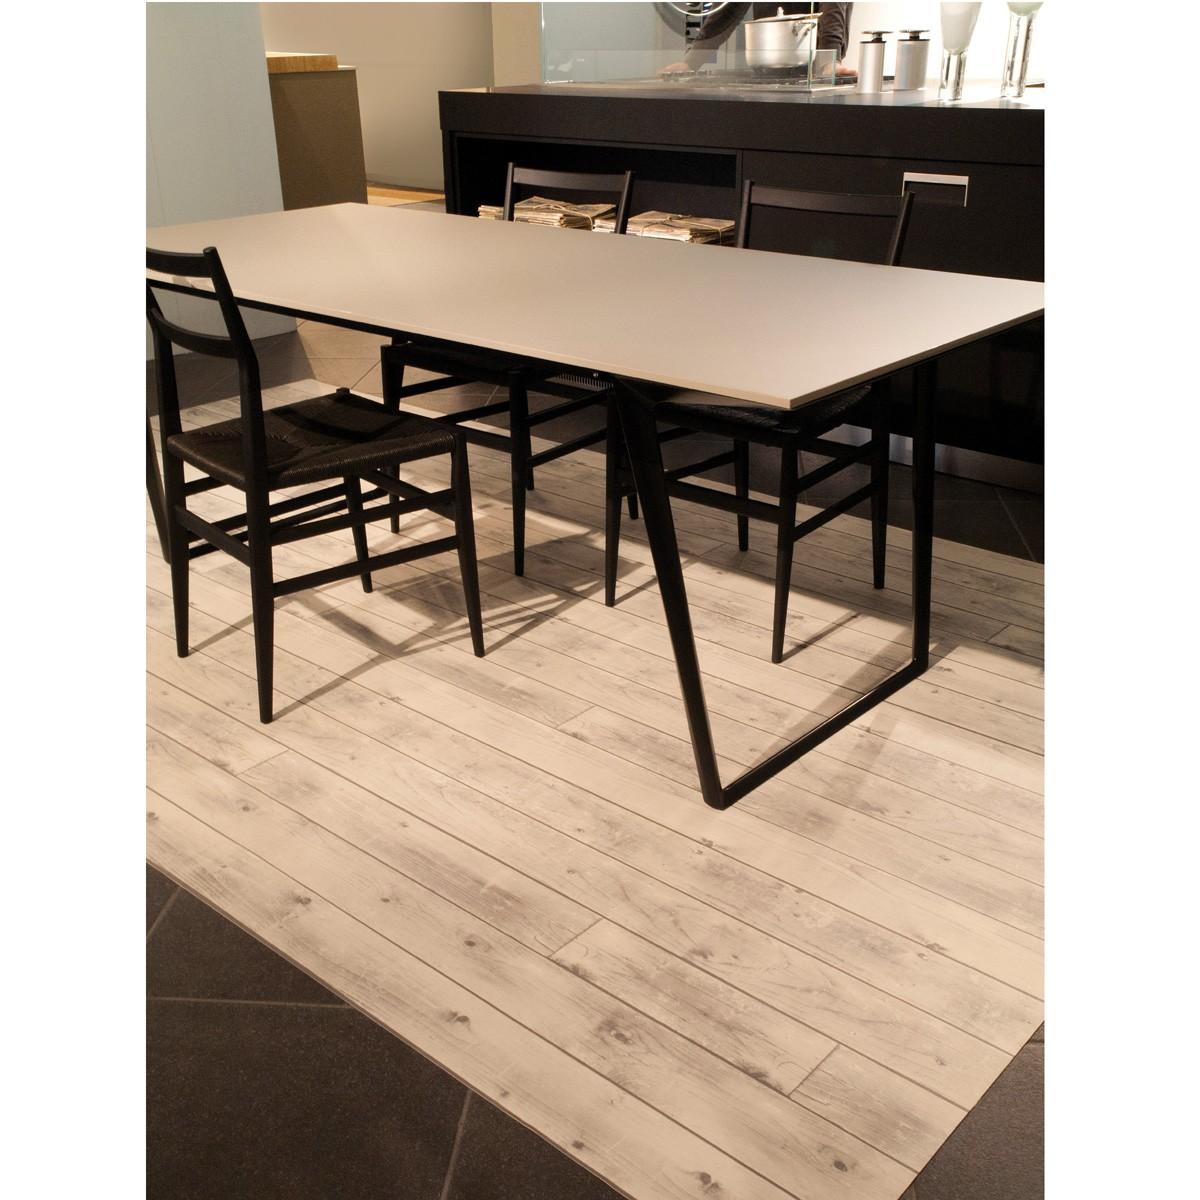 Pavimento In Pvc Effetto Legno tappeto pavimento in pvc stampa legno